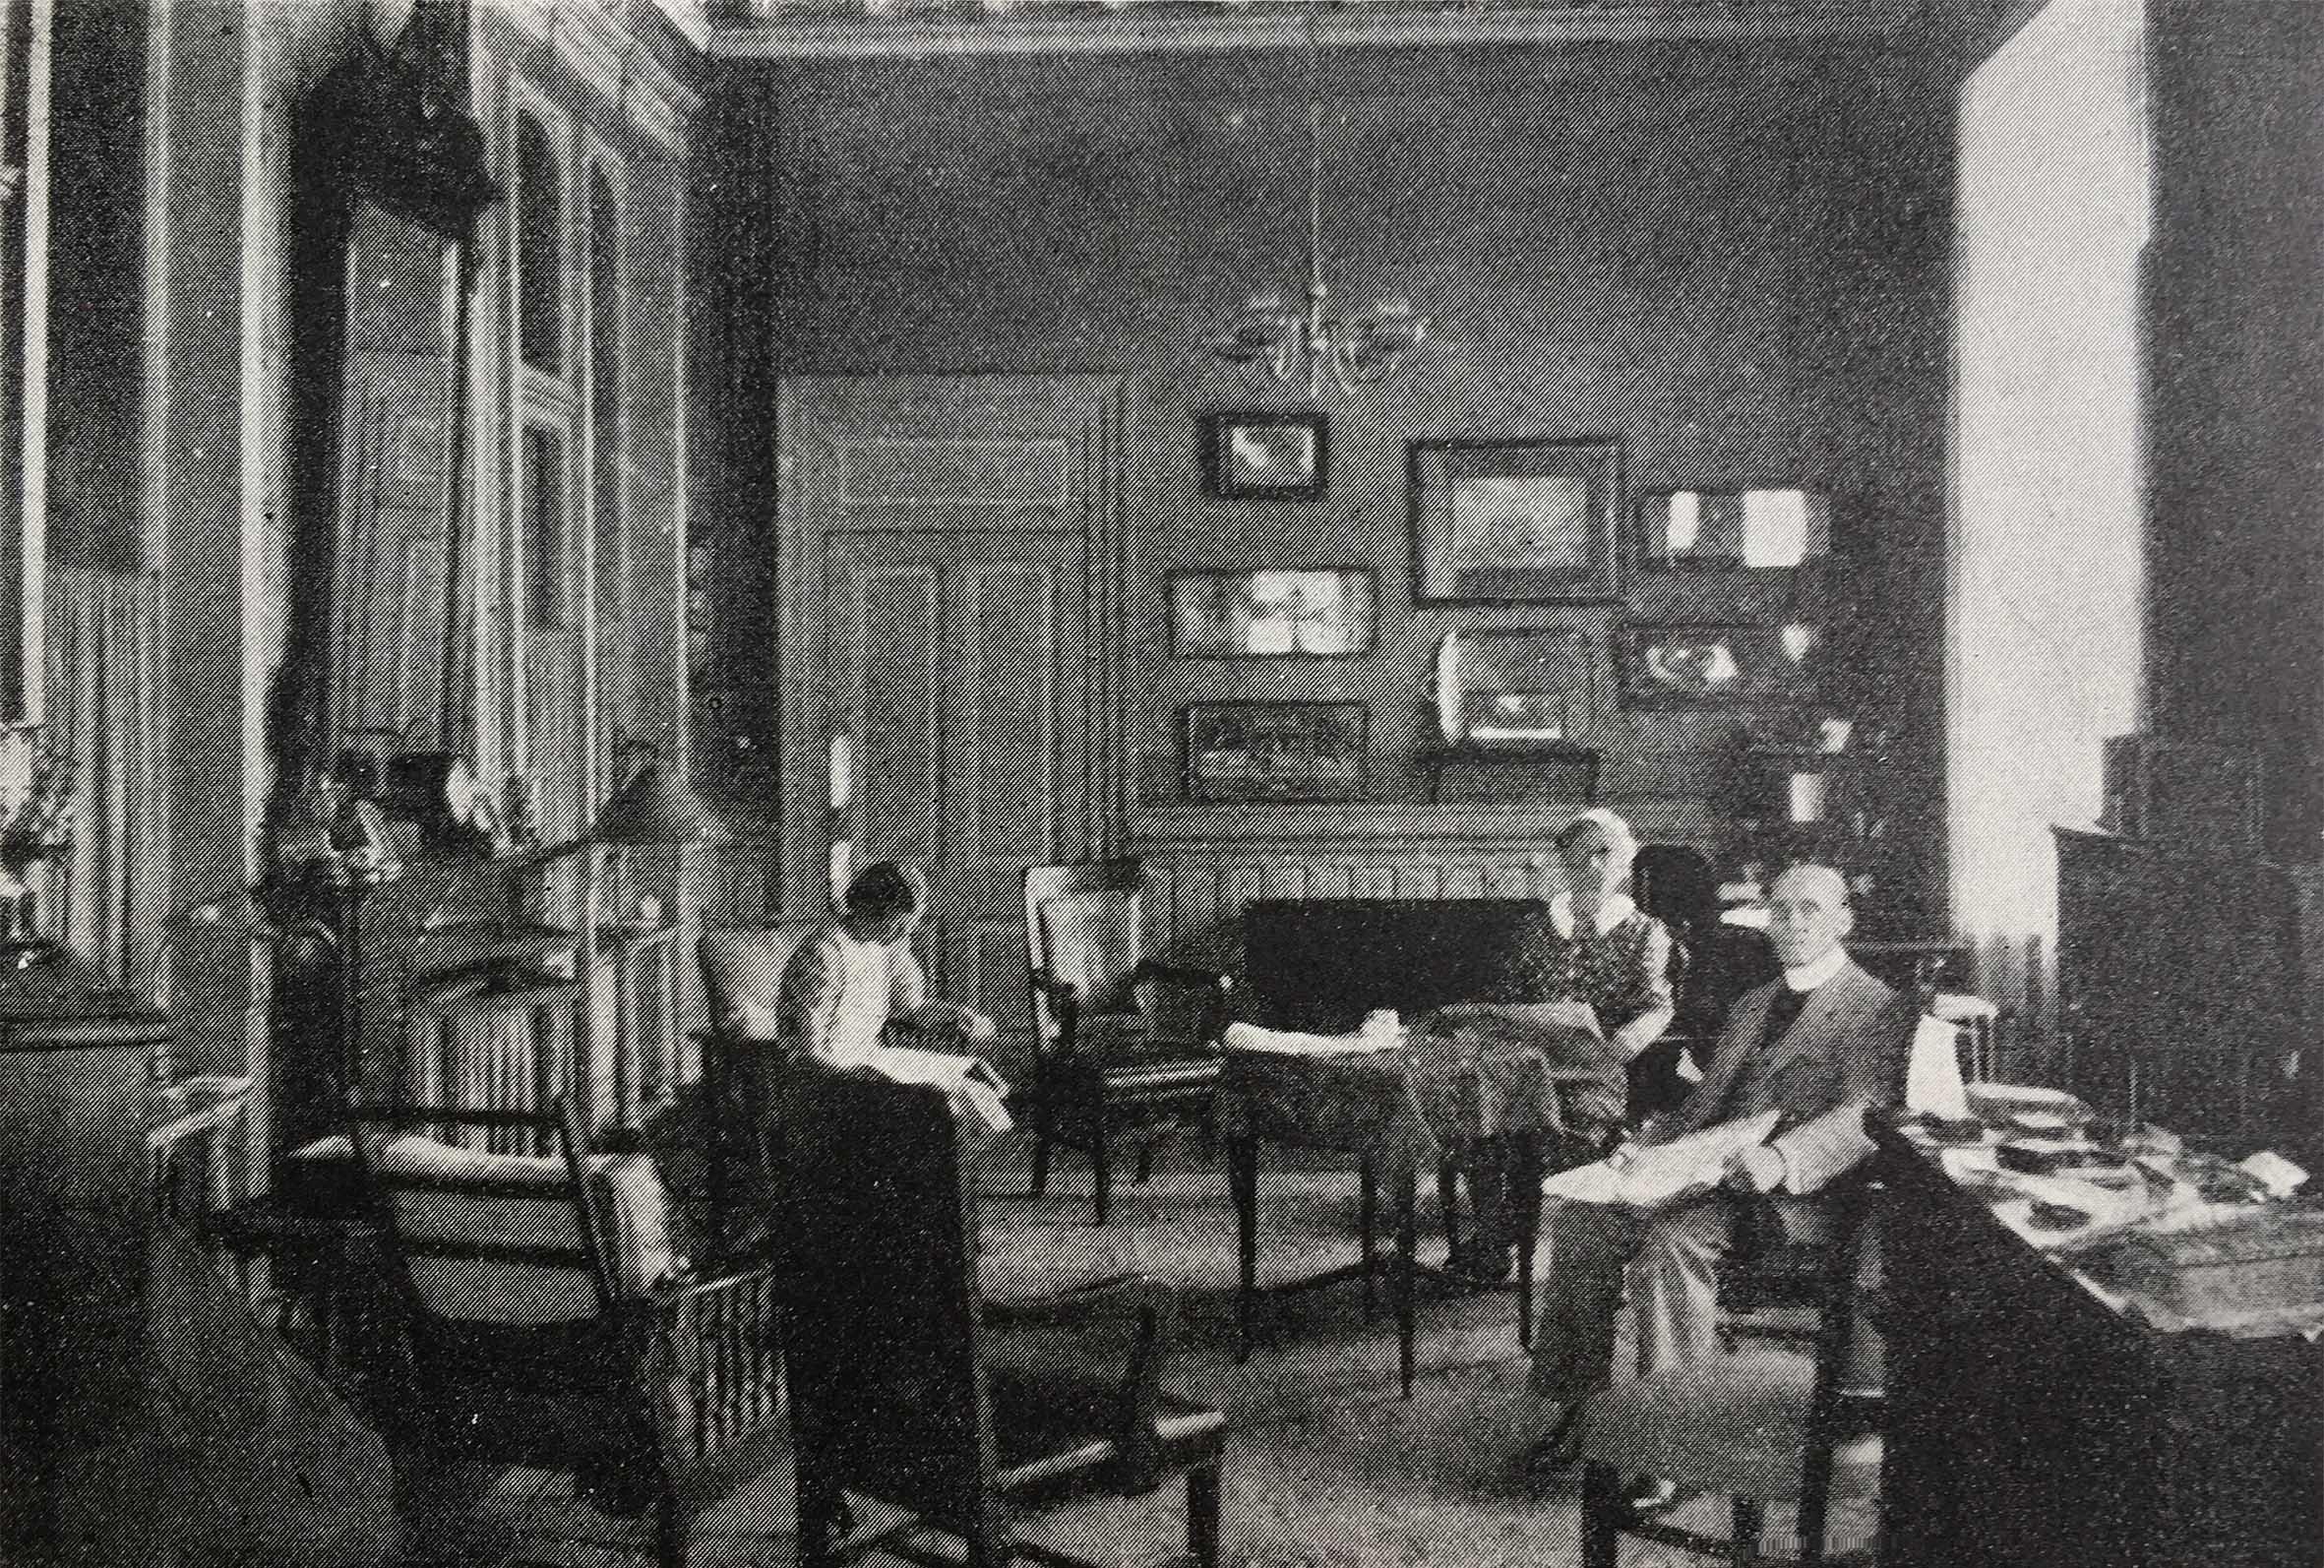 Rev. G.H. Knight-Clarke en la Sala Principal del Colegio junto a su mujer e hija en 1938